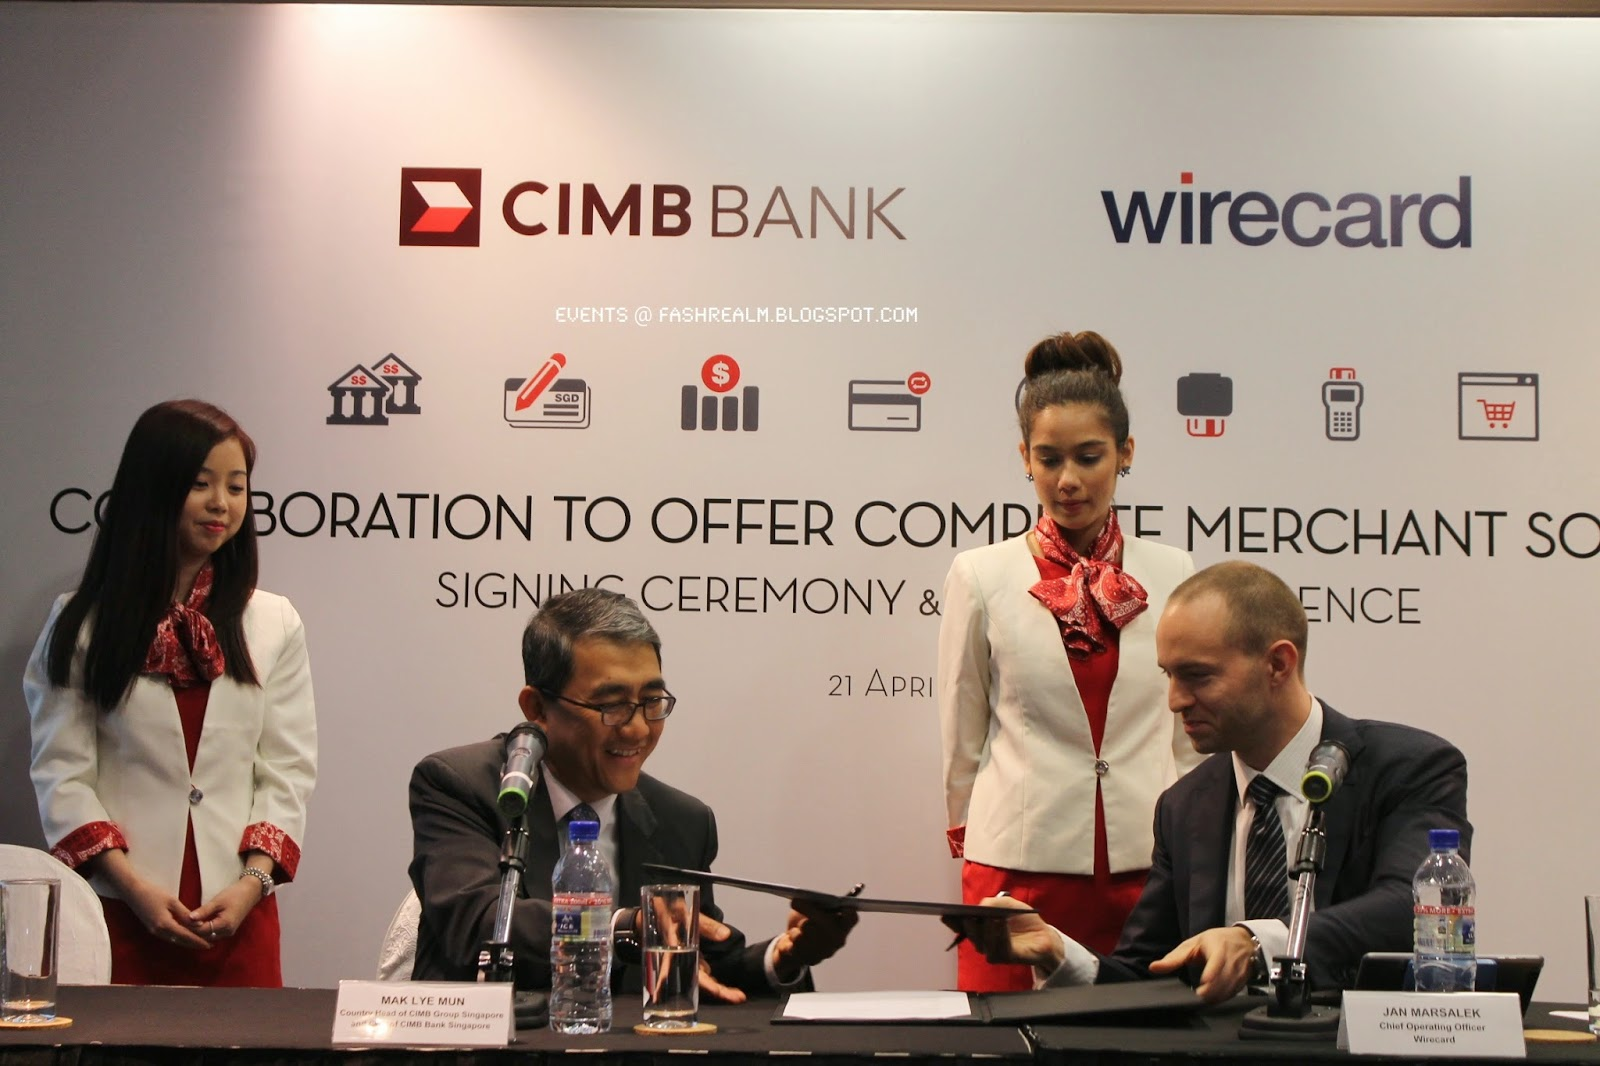 wirecard bank e banking